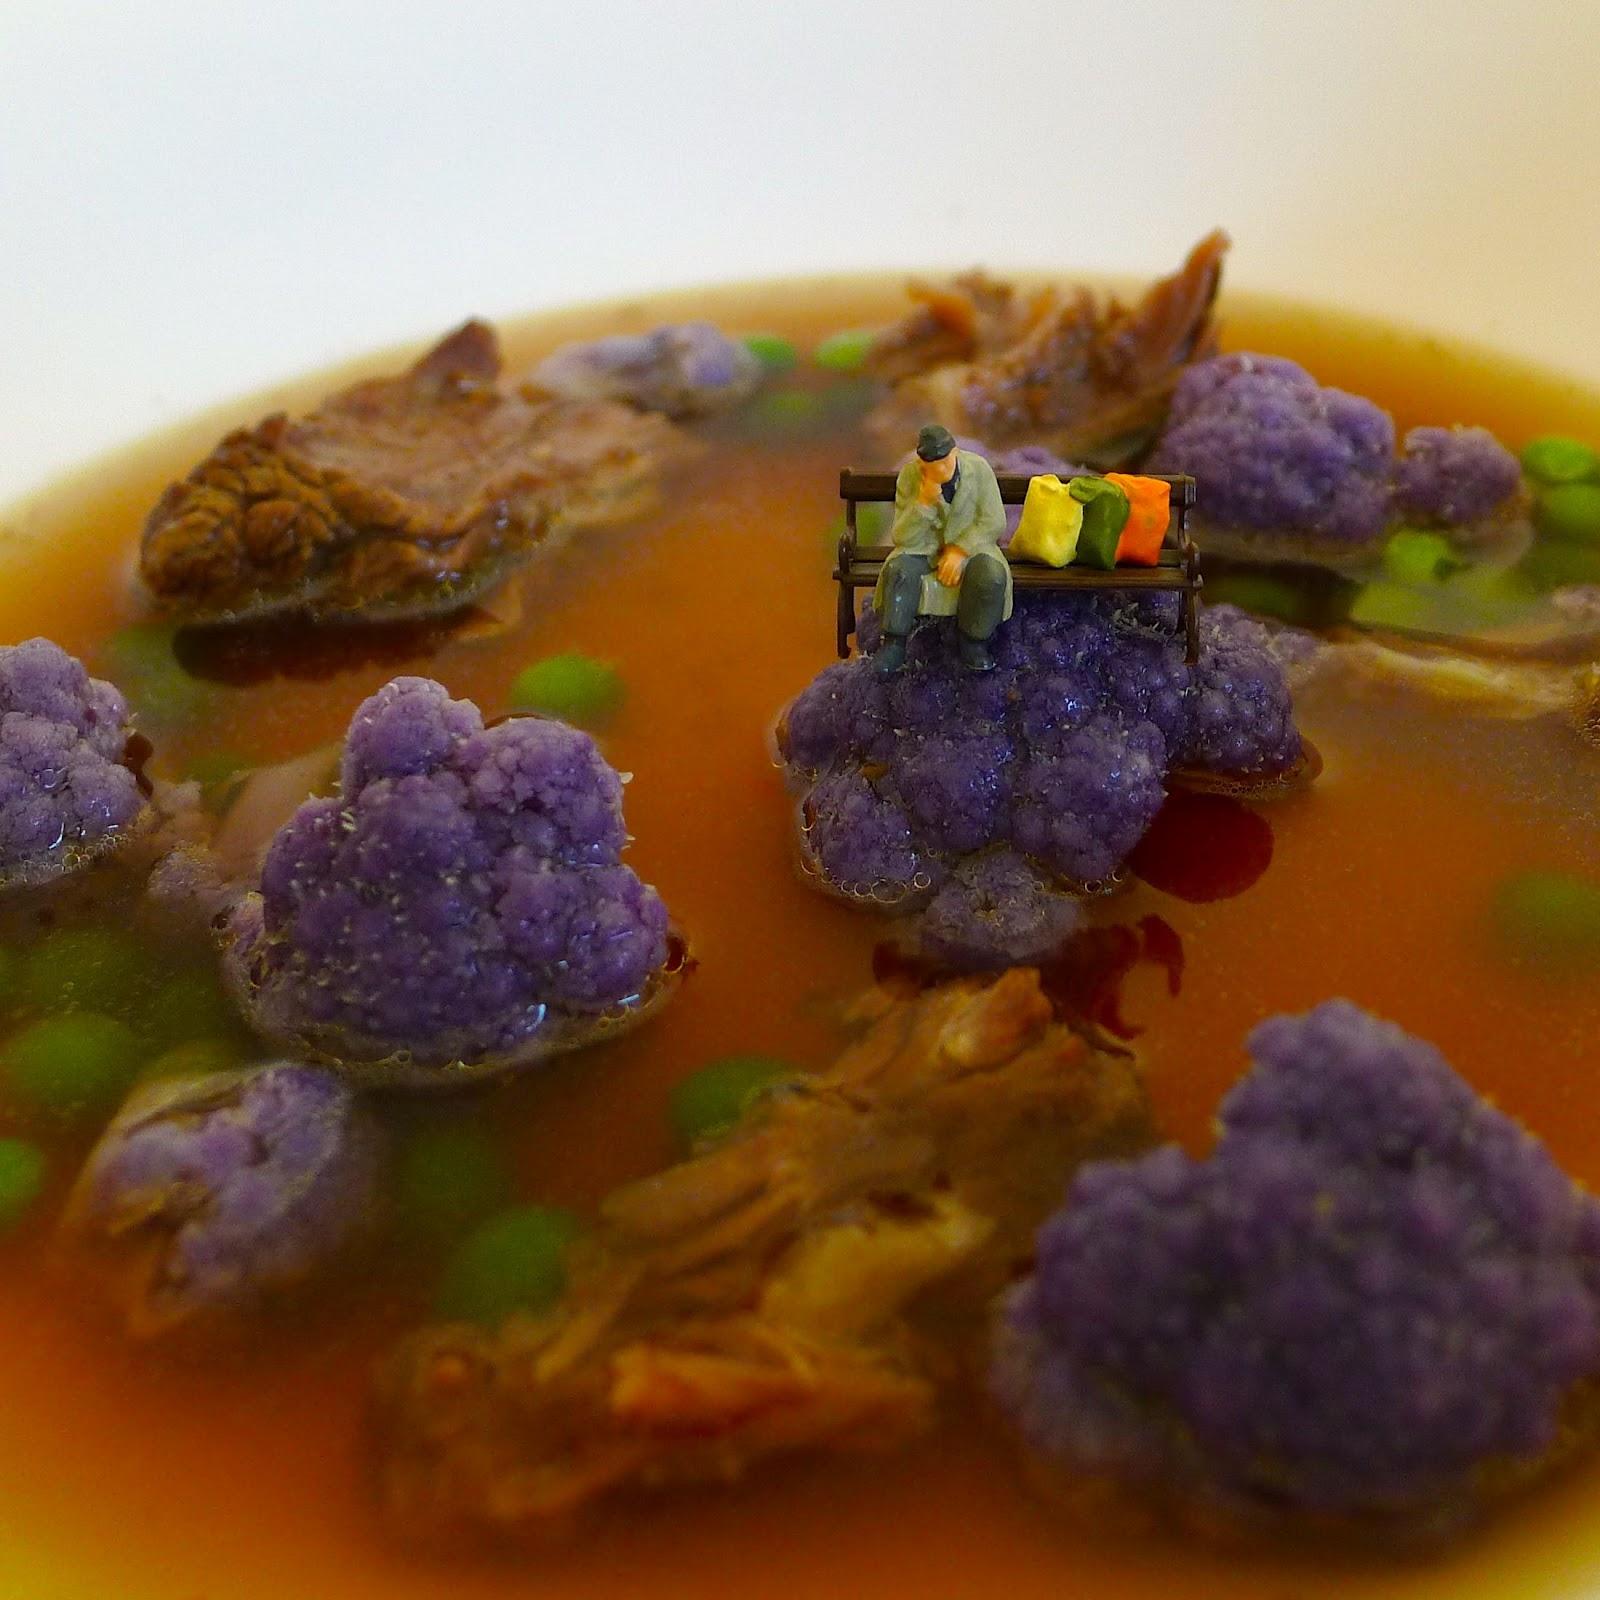 Rezept backofen: Blumenkohl im dampfgarer